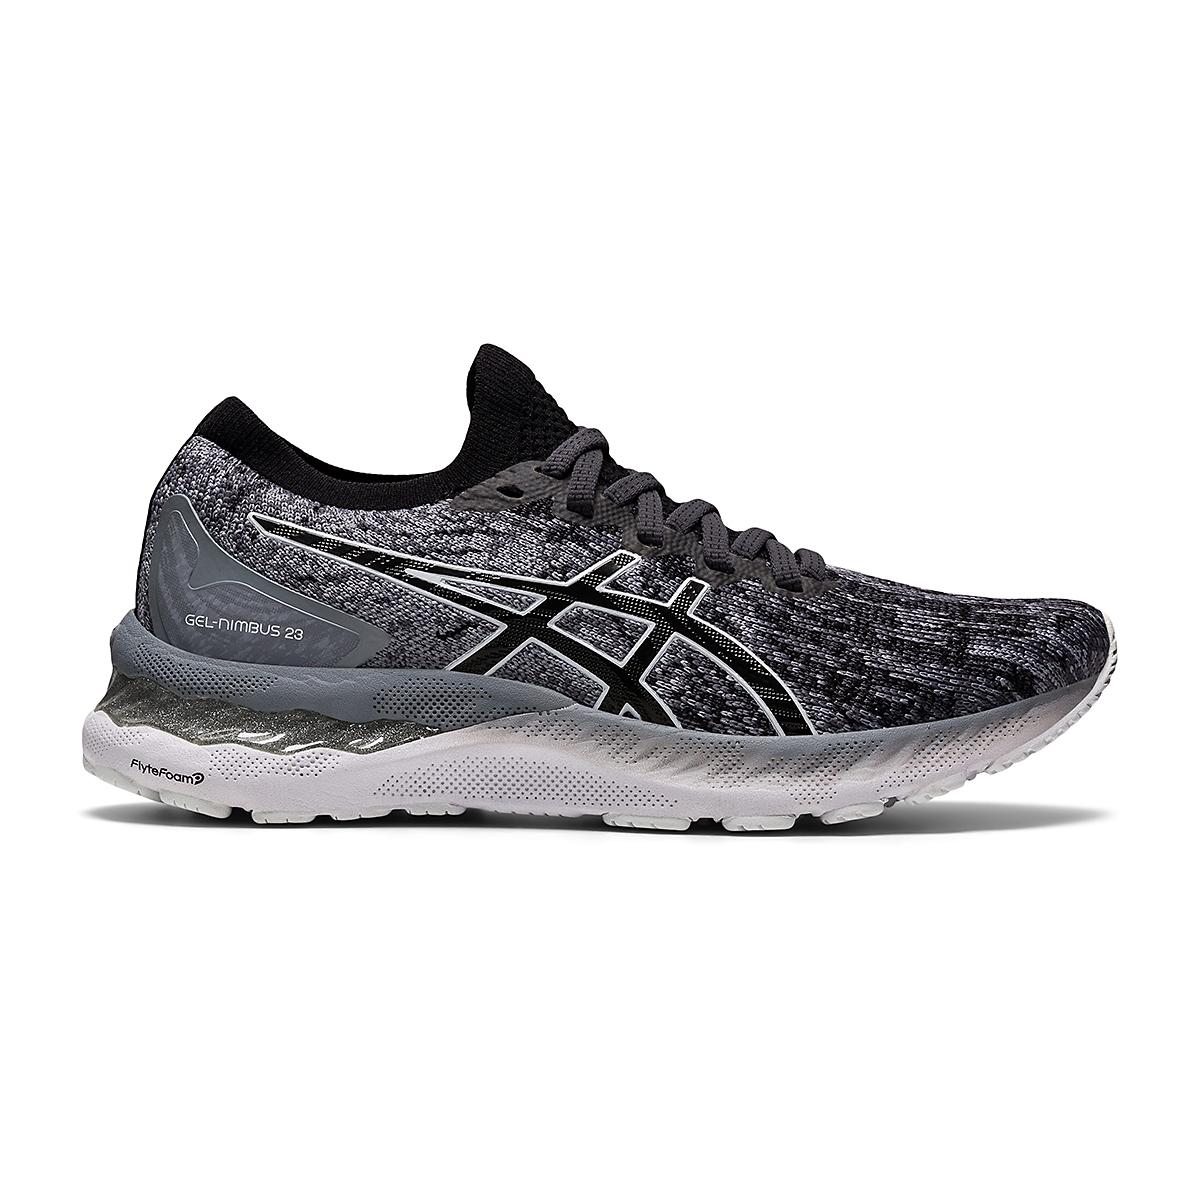 Women's Asics Gel-Nimbus 23 Knit Running Shoe - Color: Sheet Rock/Black - Size: 5 - Width: Regular, Sheet Rock/Black, large, image 1